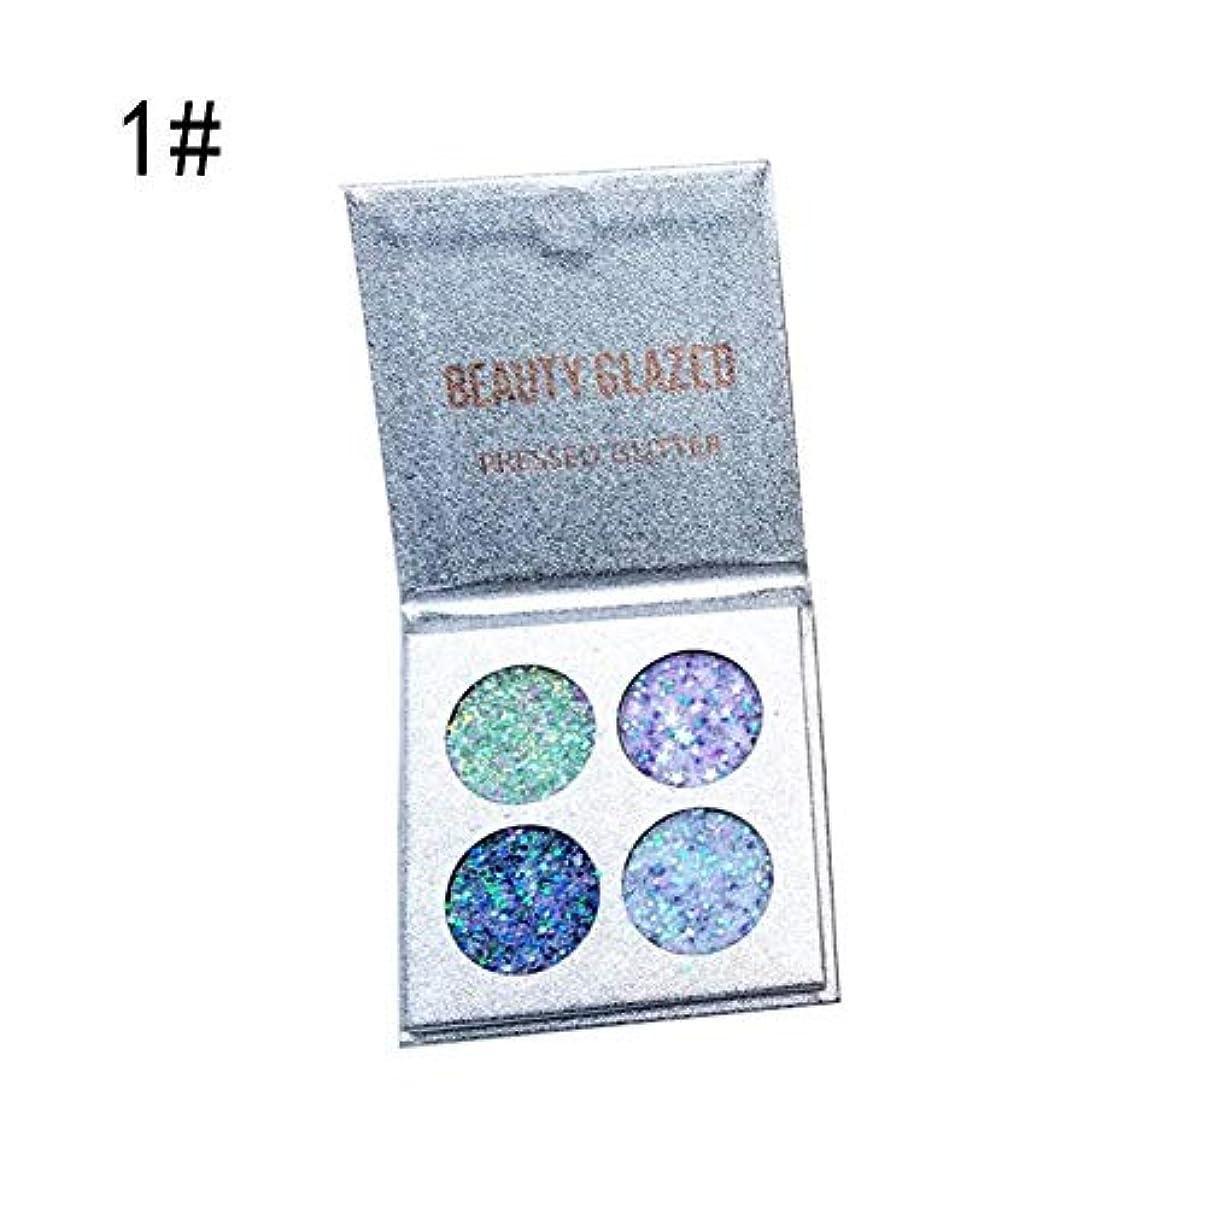 素晴らしい良い多くの過半数恨みBETTER YOU (ベター ュー) beauty glazed 4色スパンコールアイシャドウ、浮遊粉なし、しみ込みやすく、防水、防汗性、持続性、天然 (A 1#)